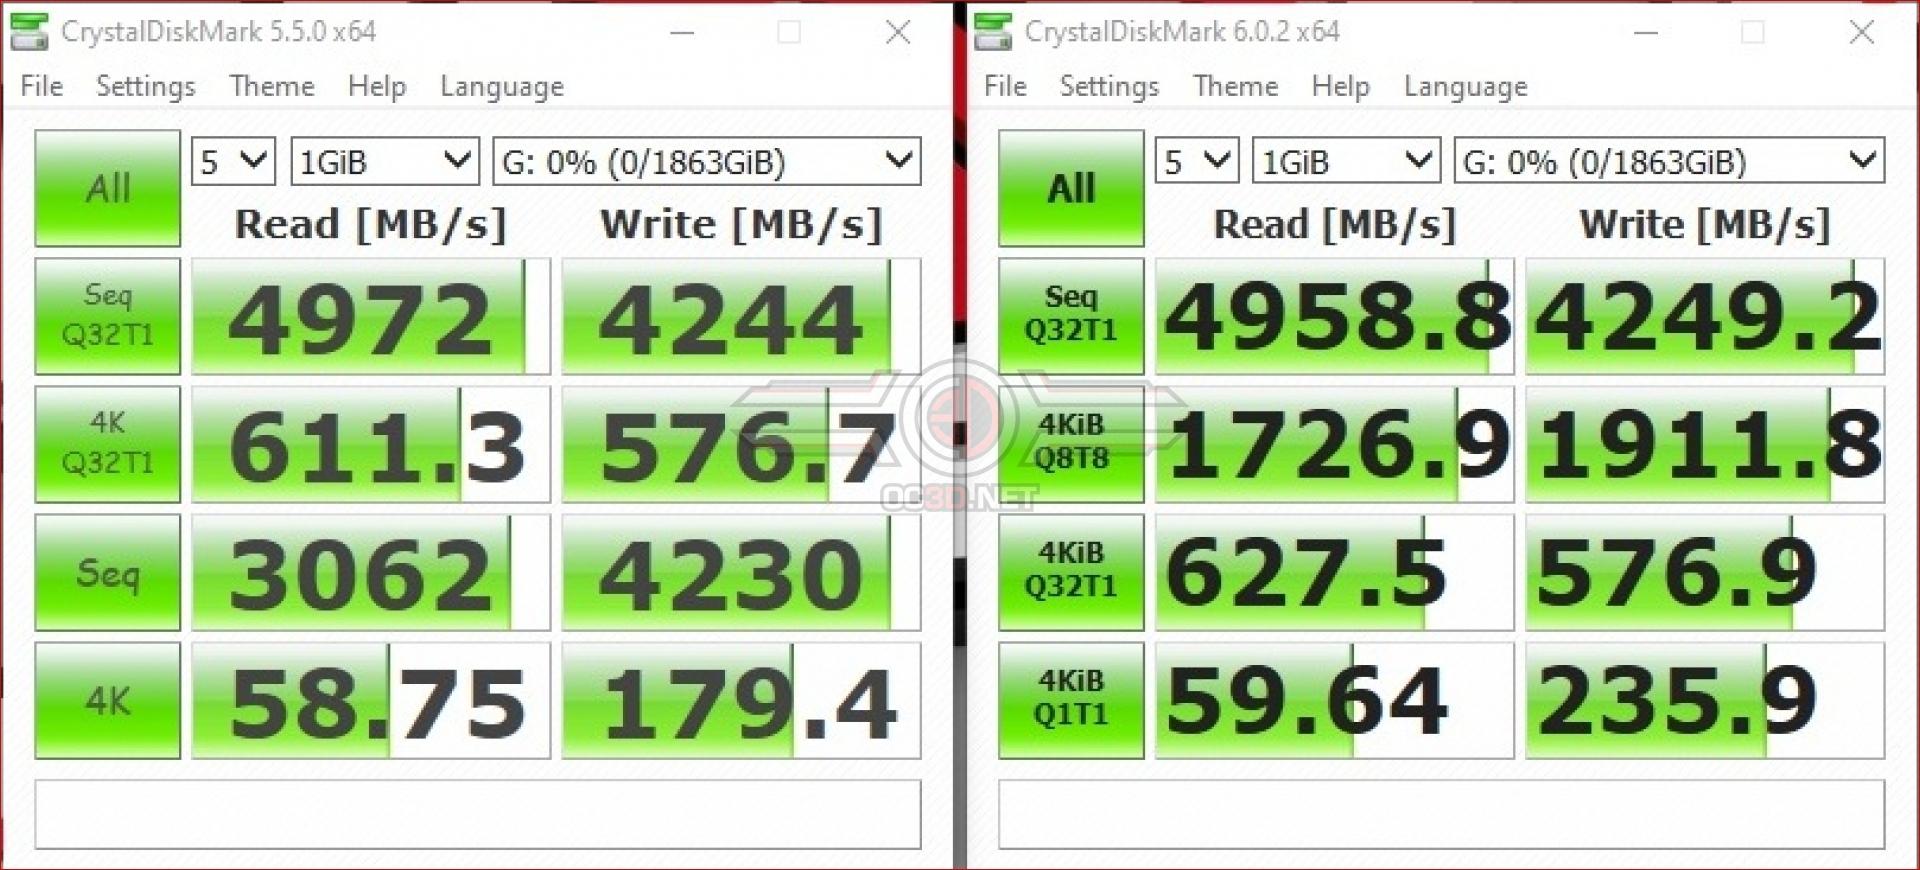 Amd Ryzen 7 3700x Ryzen 9 3900x X470 Vs X570 Review X470 Vs X570 Storage Speeds Cpu Mainboard Oc3d Review